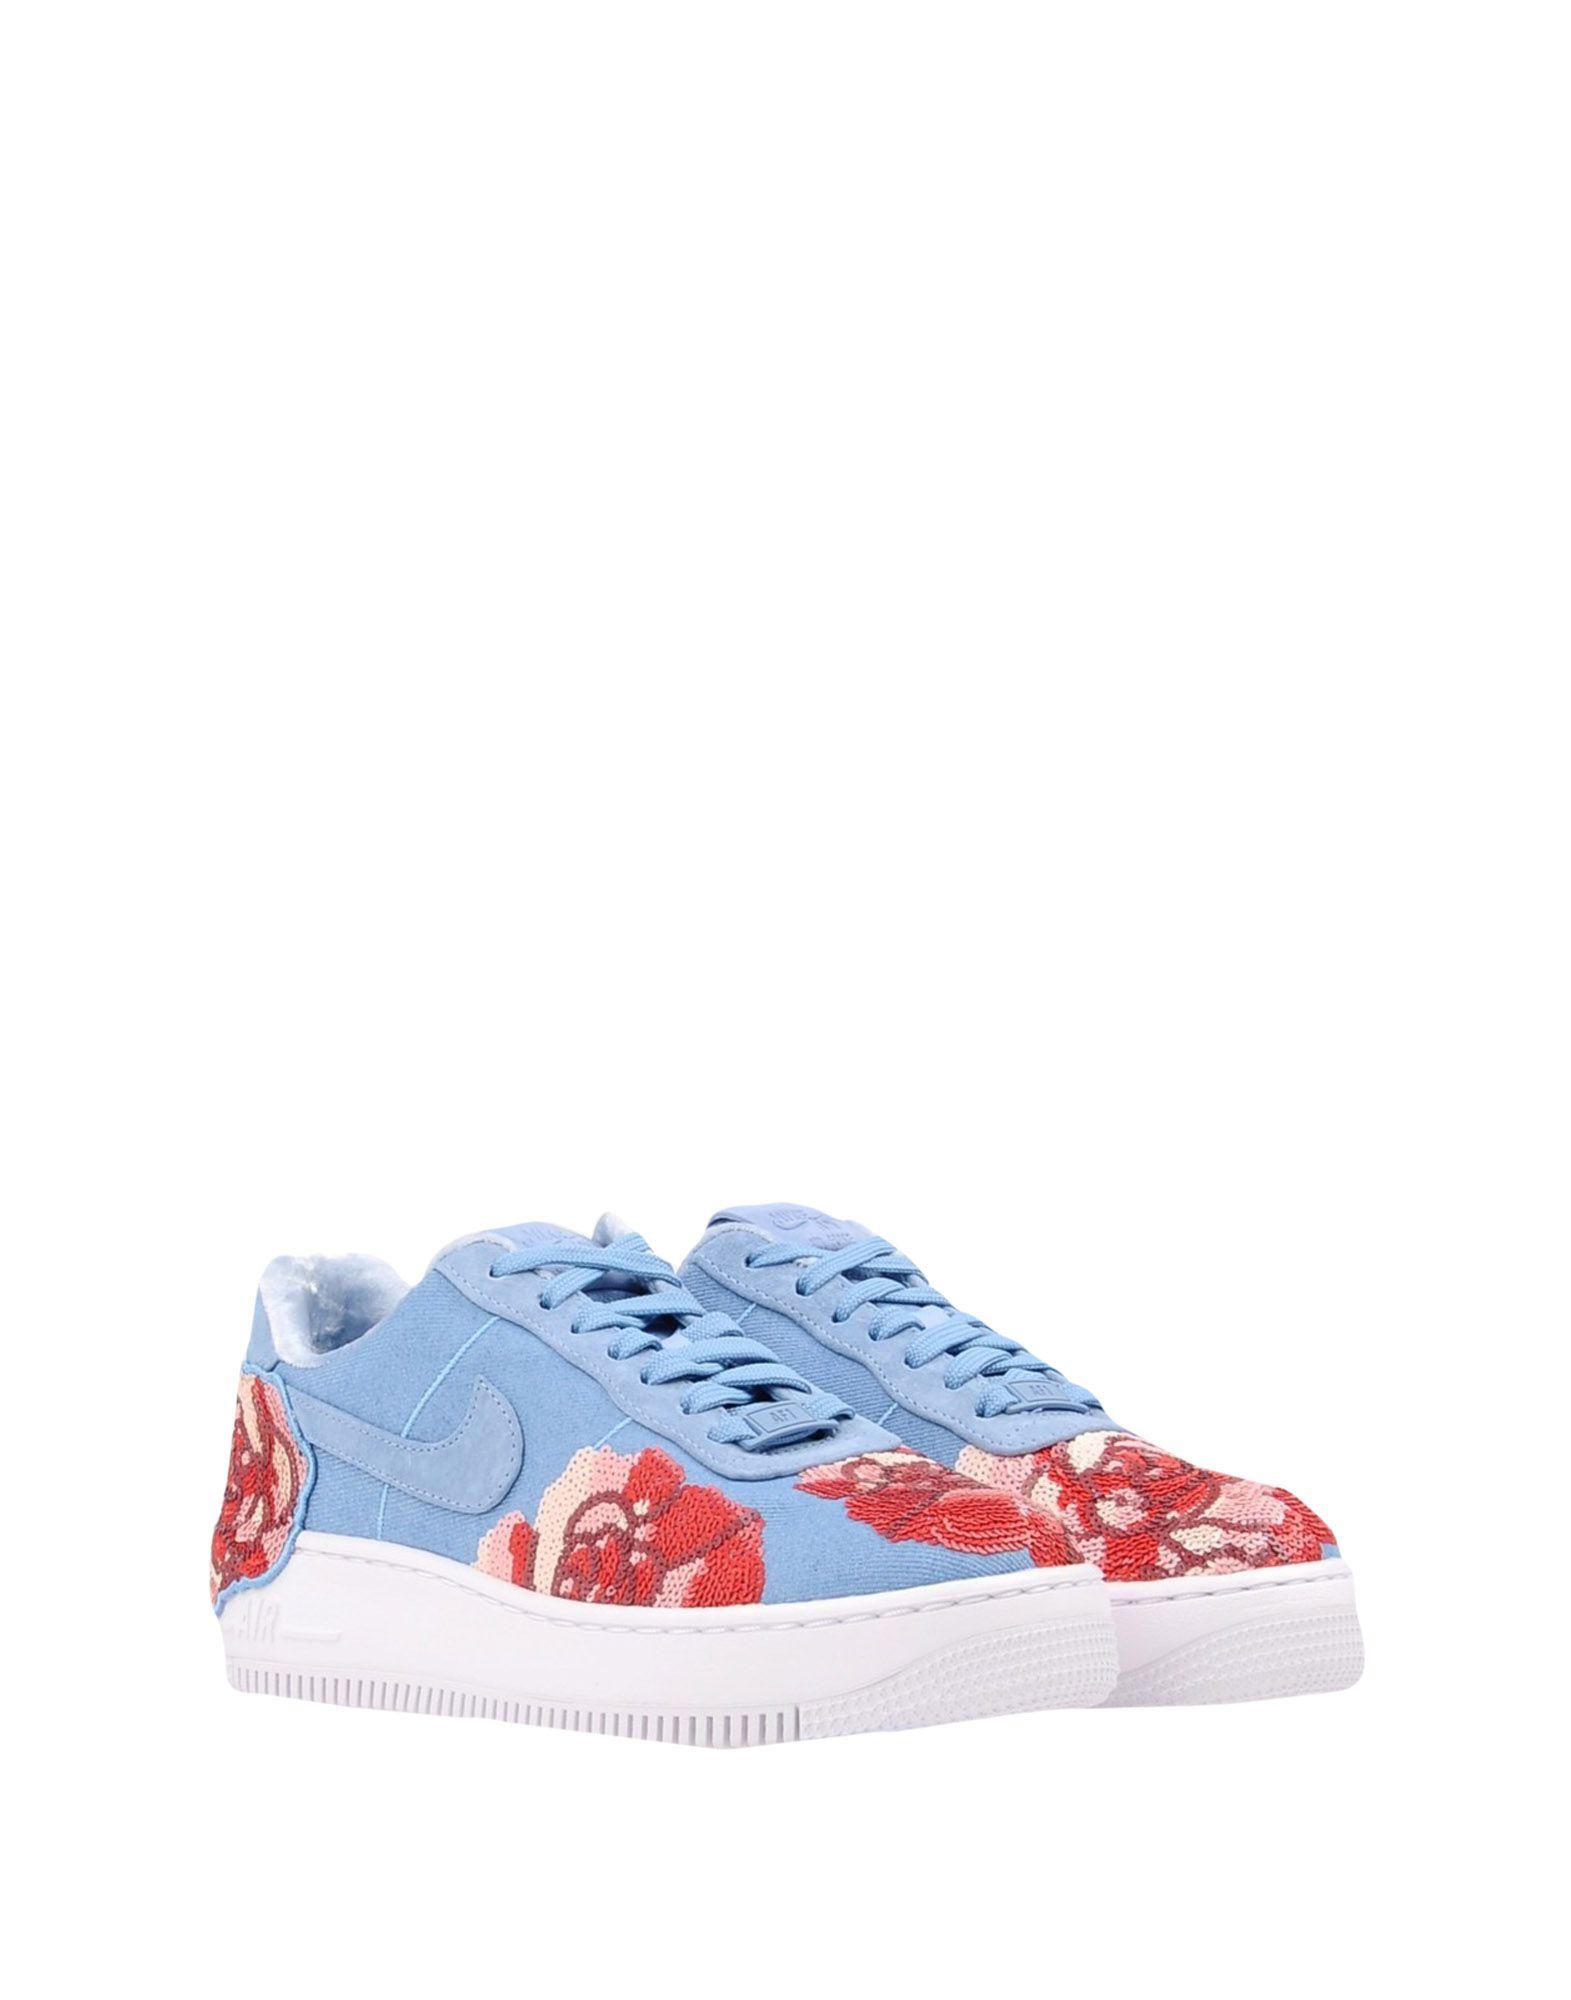 Sneakers Nike W Af1 Upstep Lx - Femme - Sneakers Nike sur